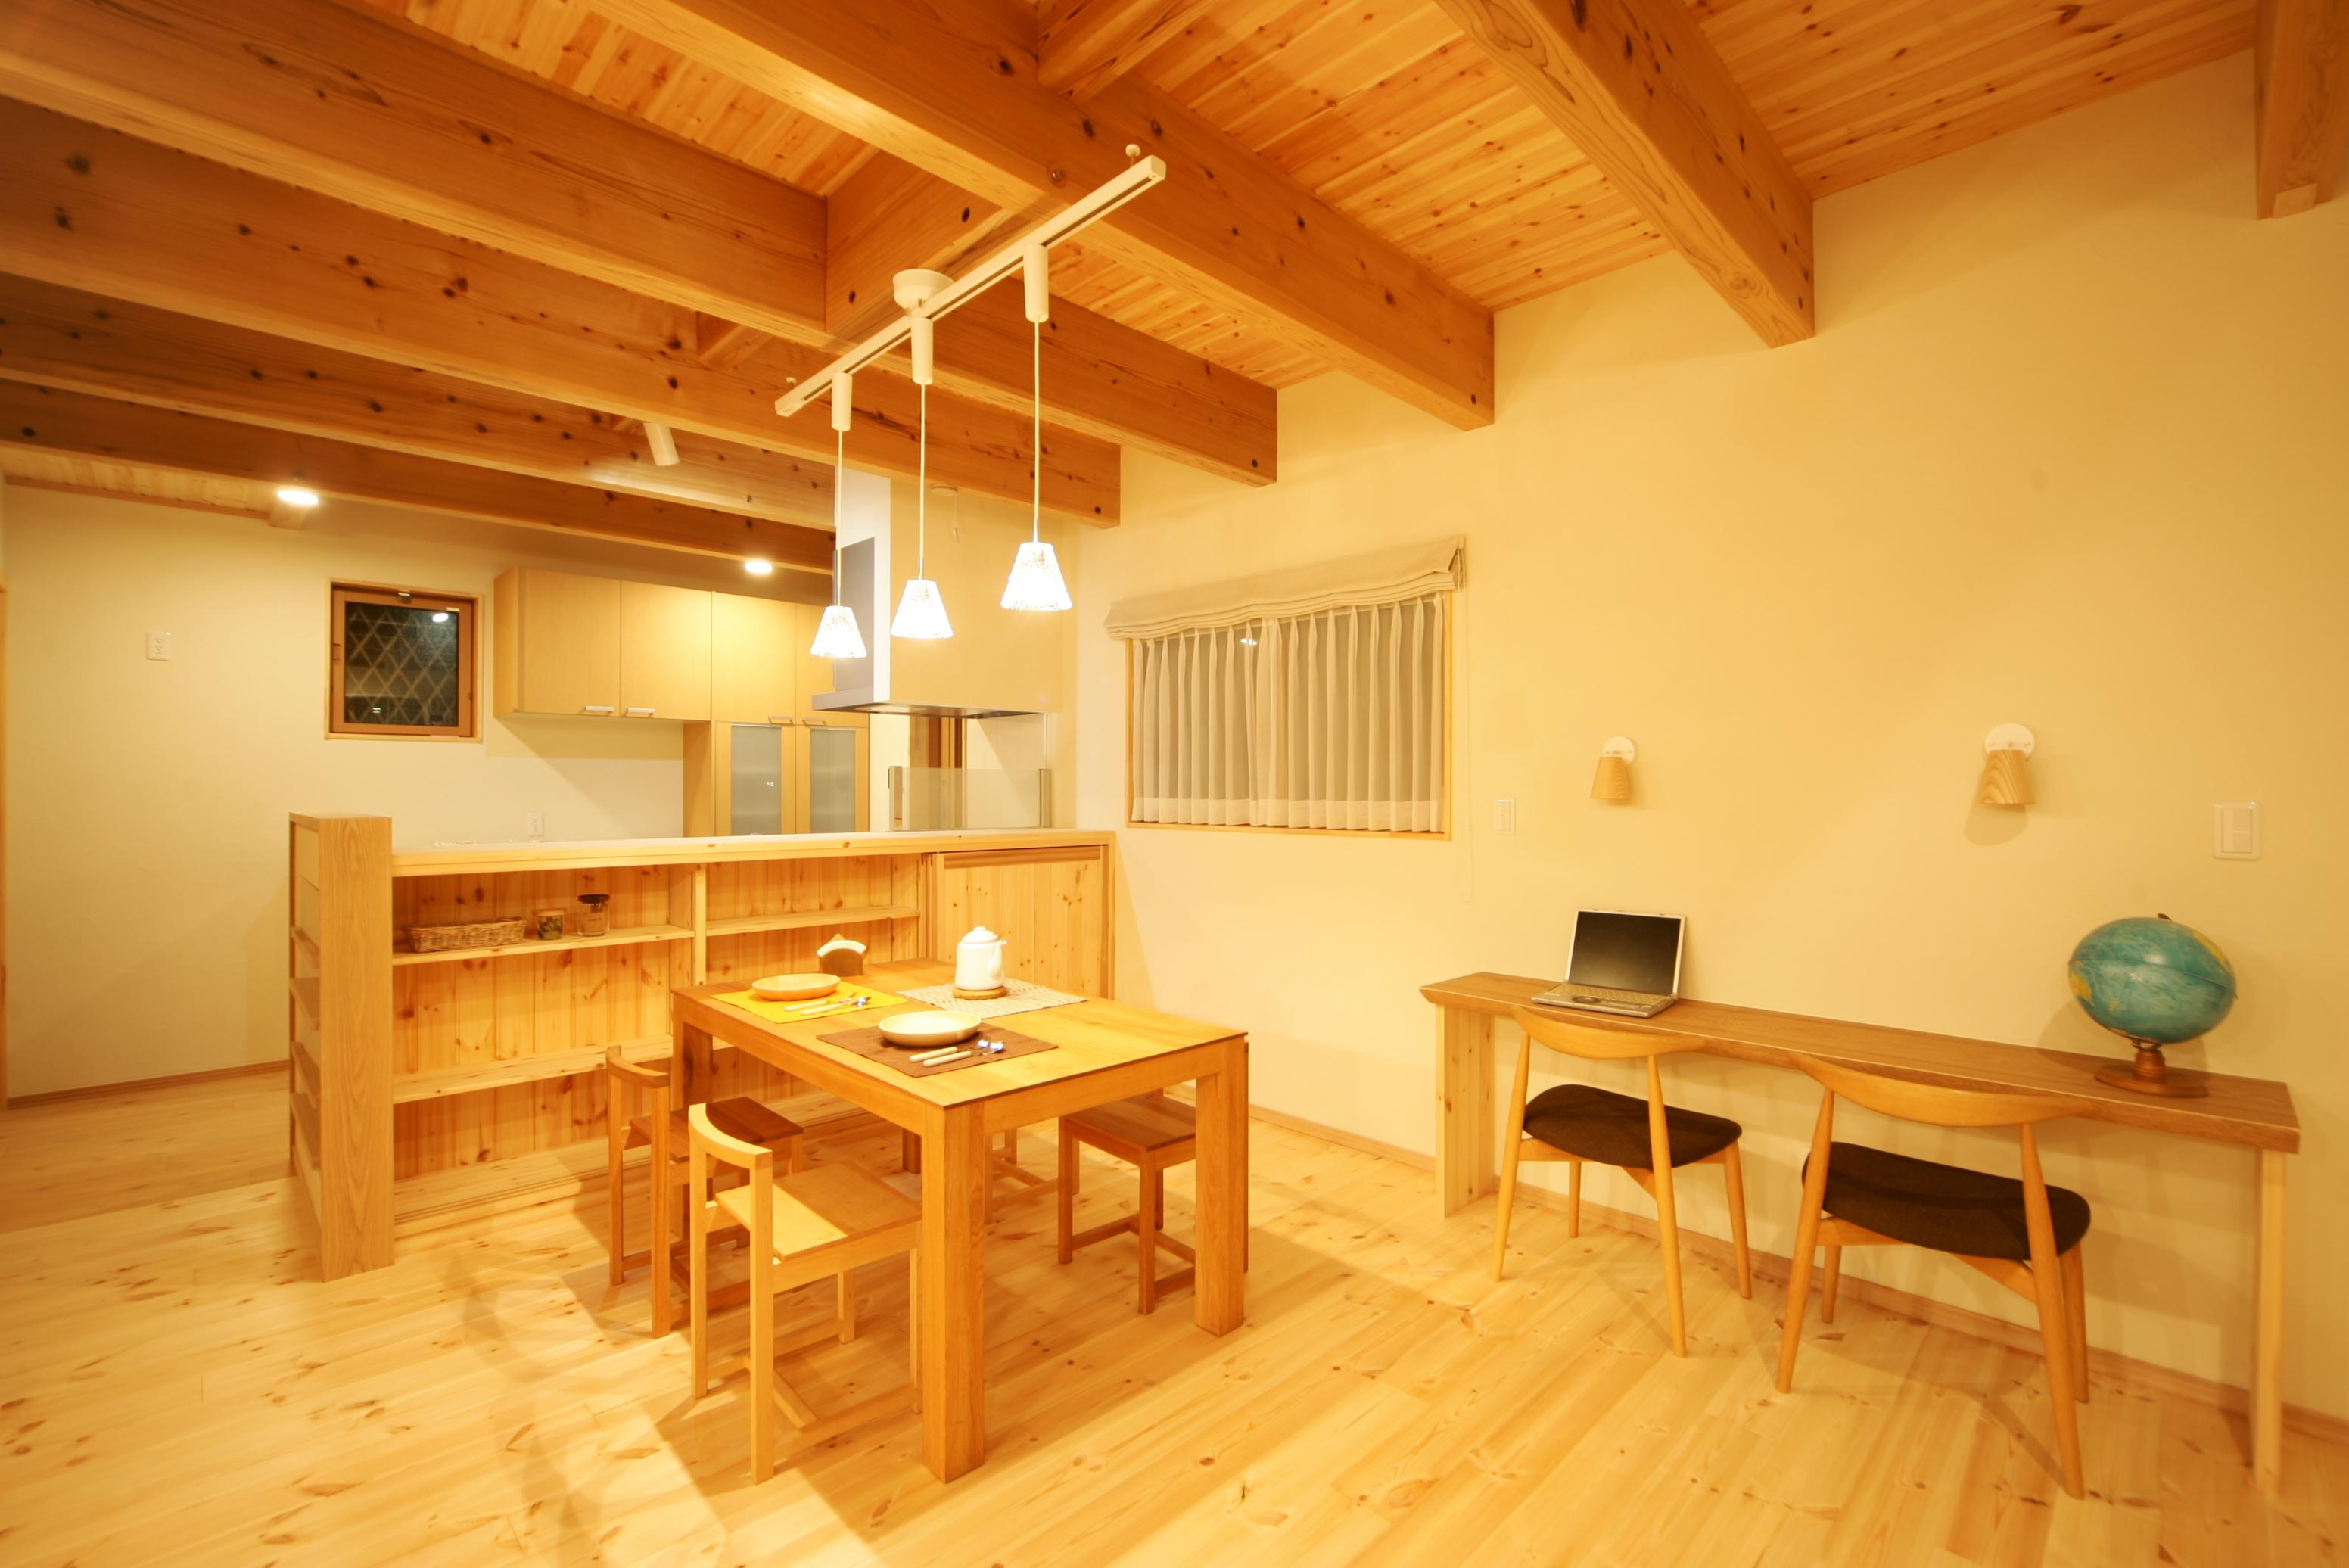 住まいるコーポレーション【子育て、収納力、自然素材】ガラスのペンダント照明をアクセントに生かし、カフェスタイルのおしゃれな空間を演出。 パイン材の床やスギ材の天井、木のぬくもりに包まれたナチュラルな空間で、家族の会話も弾みそう!